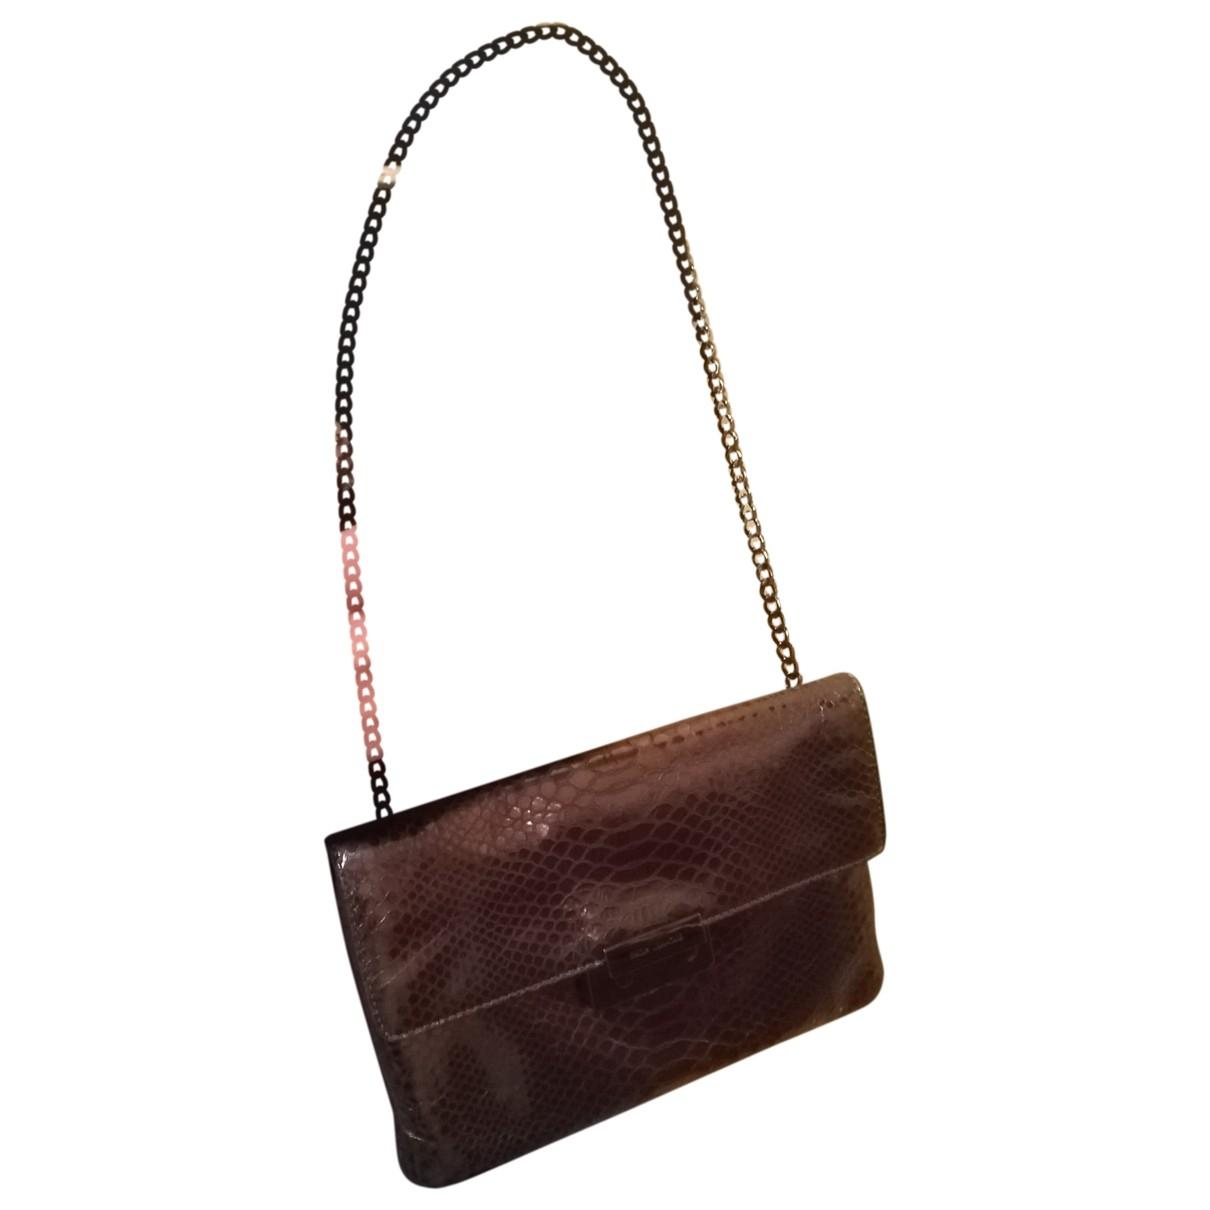 Michael Kors Vivianne Silver Leather handbag for Women \N